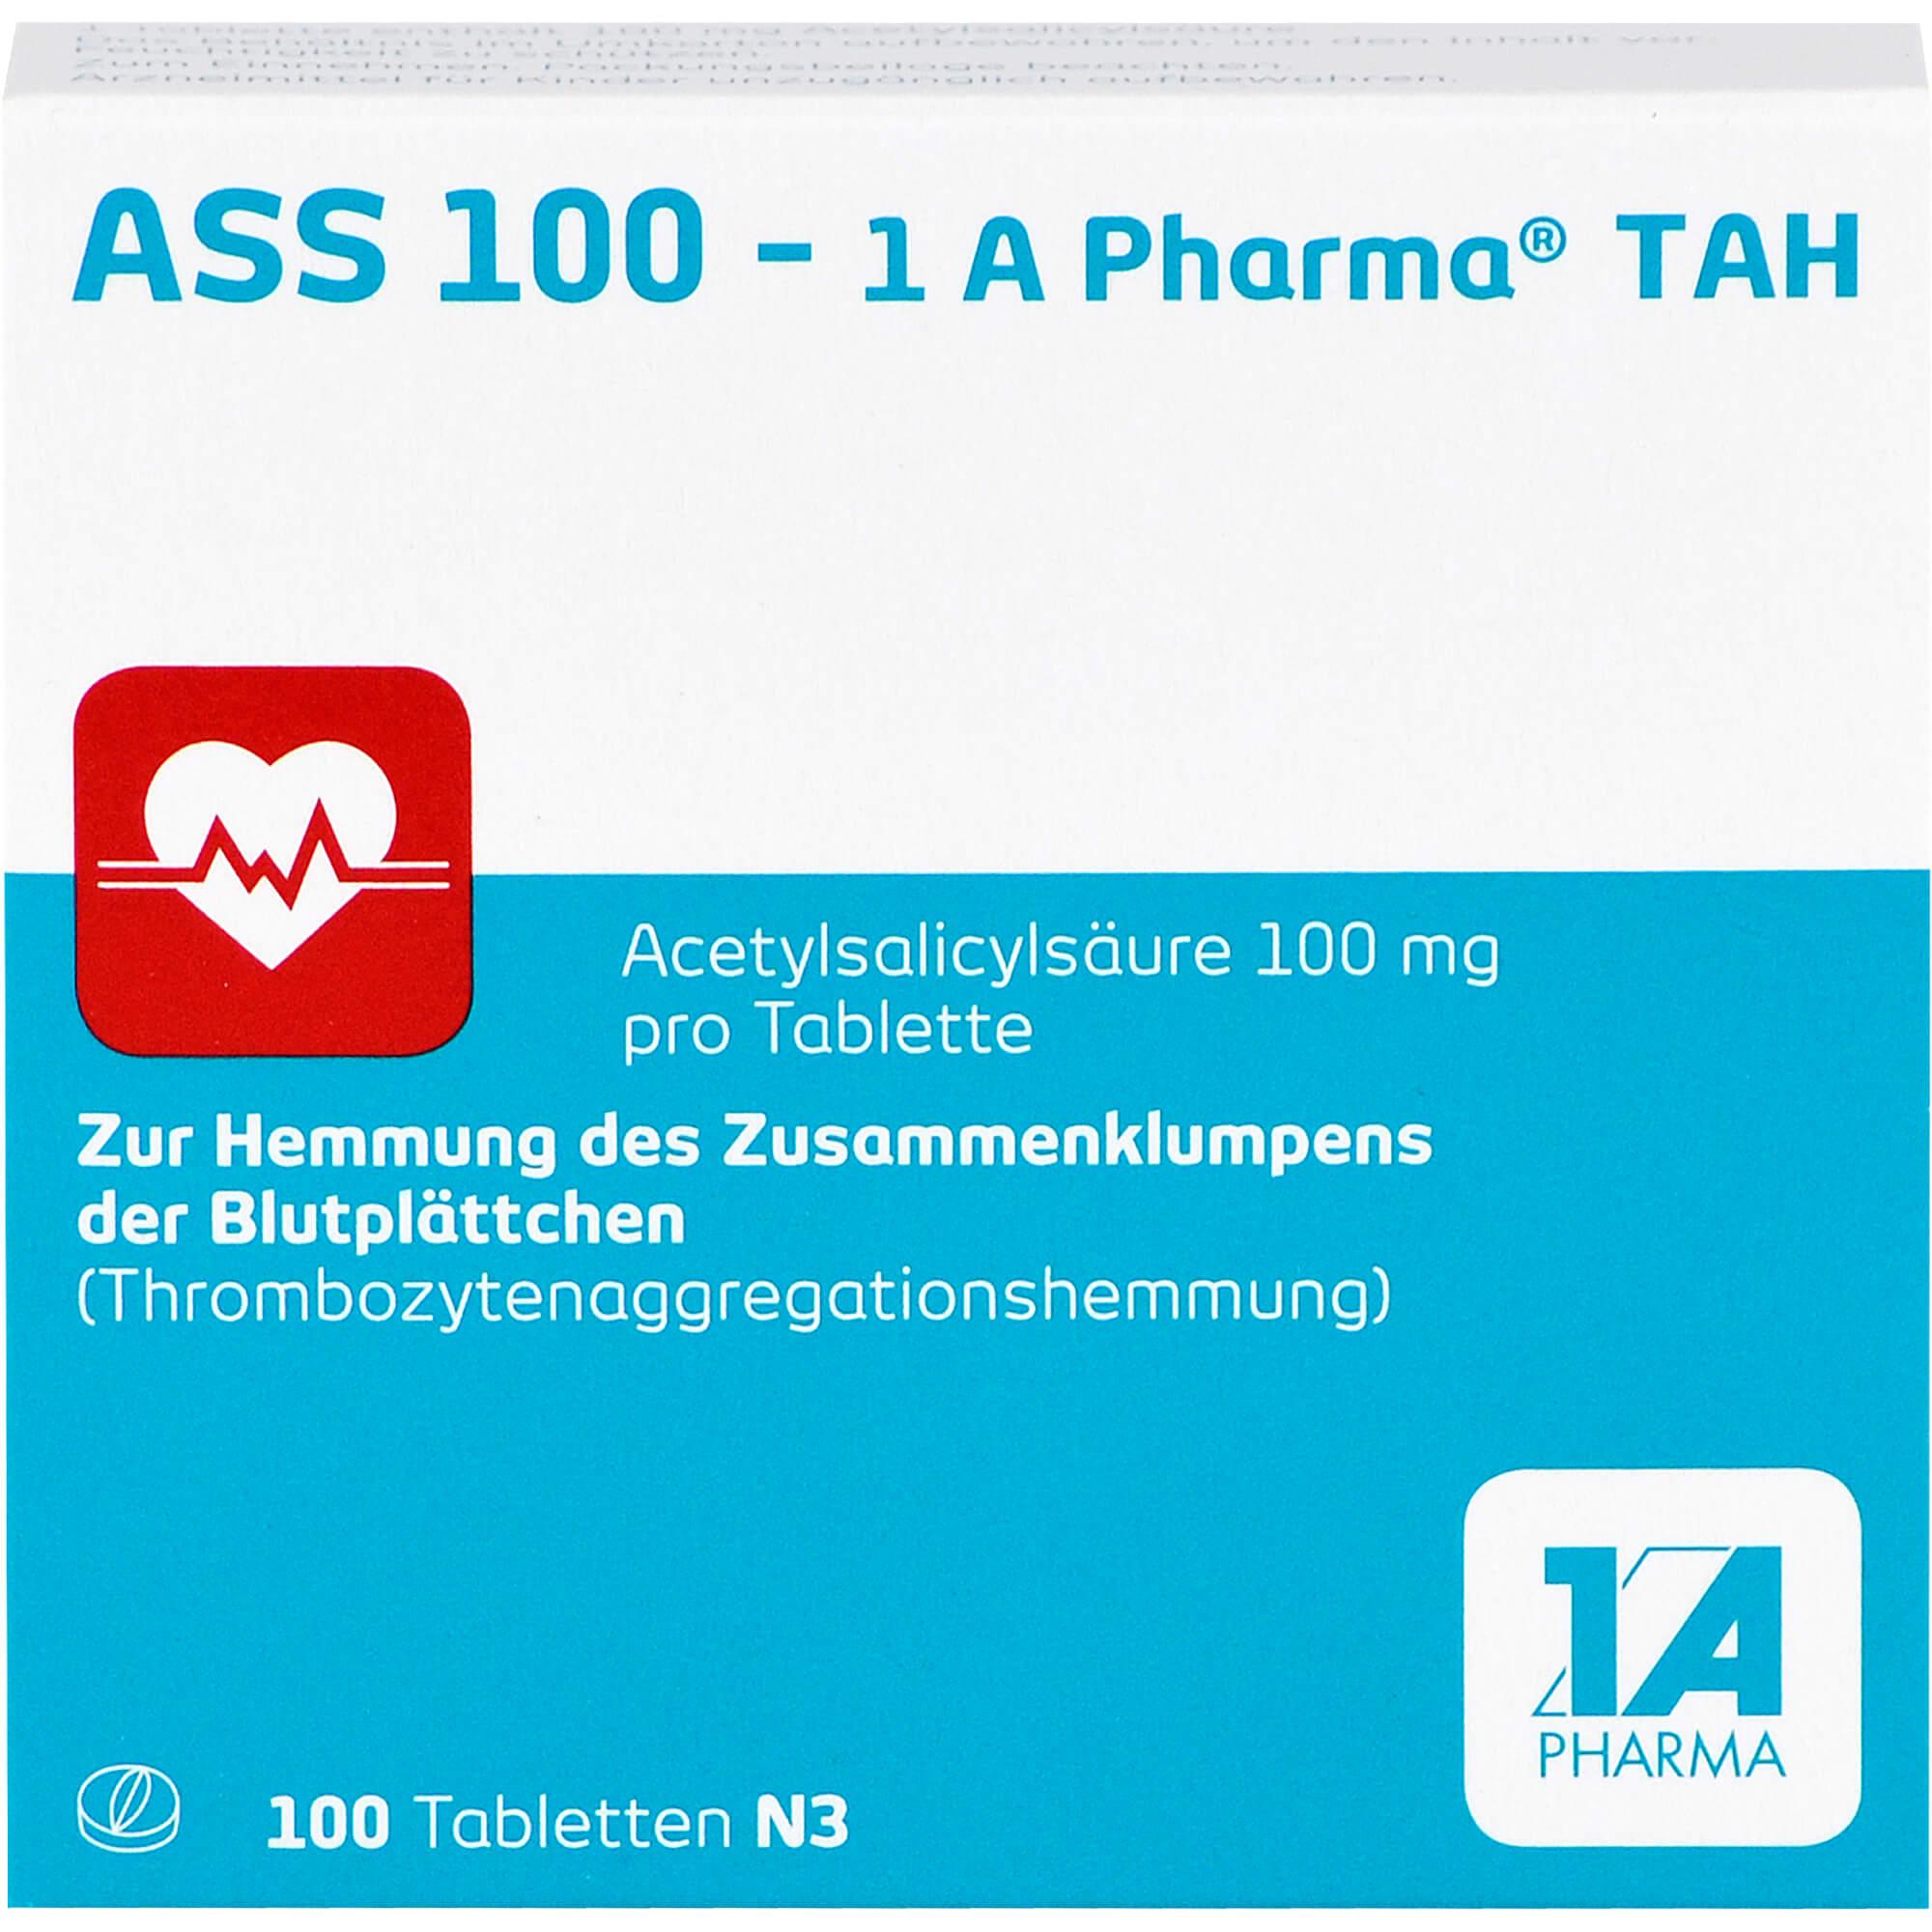 ASS-100-1A-Pharma-TAH-Tabletten